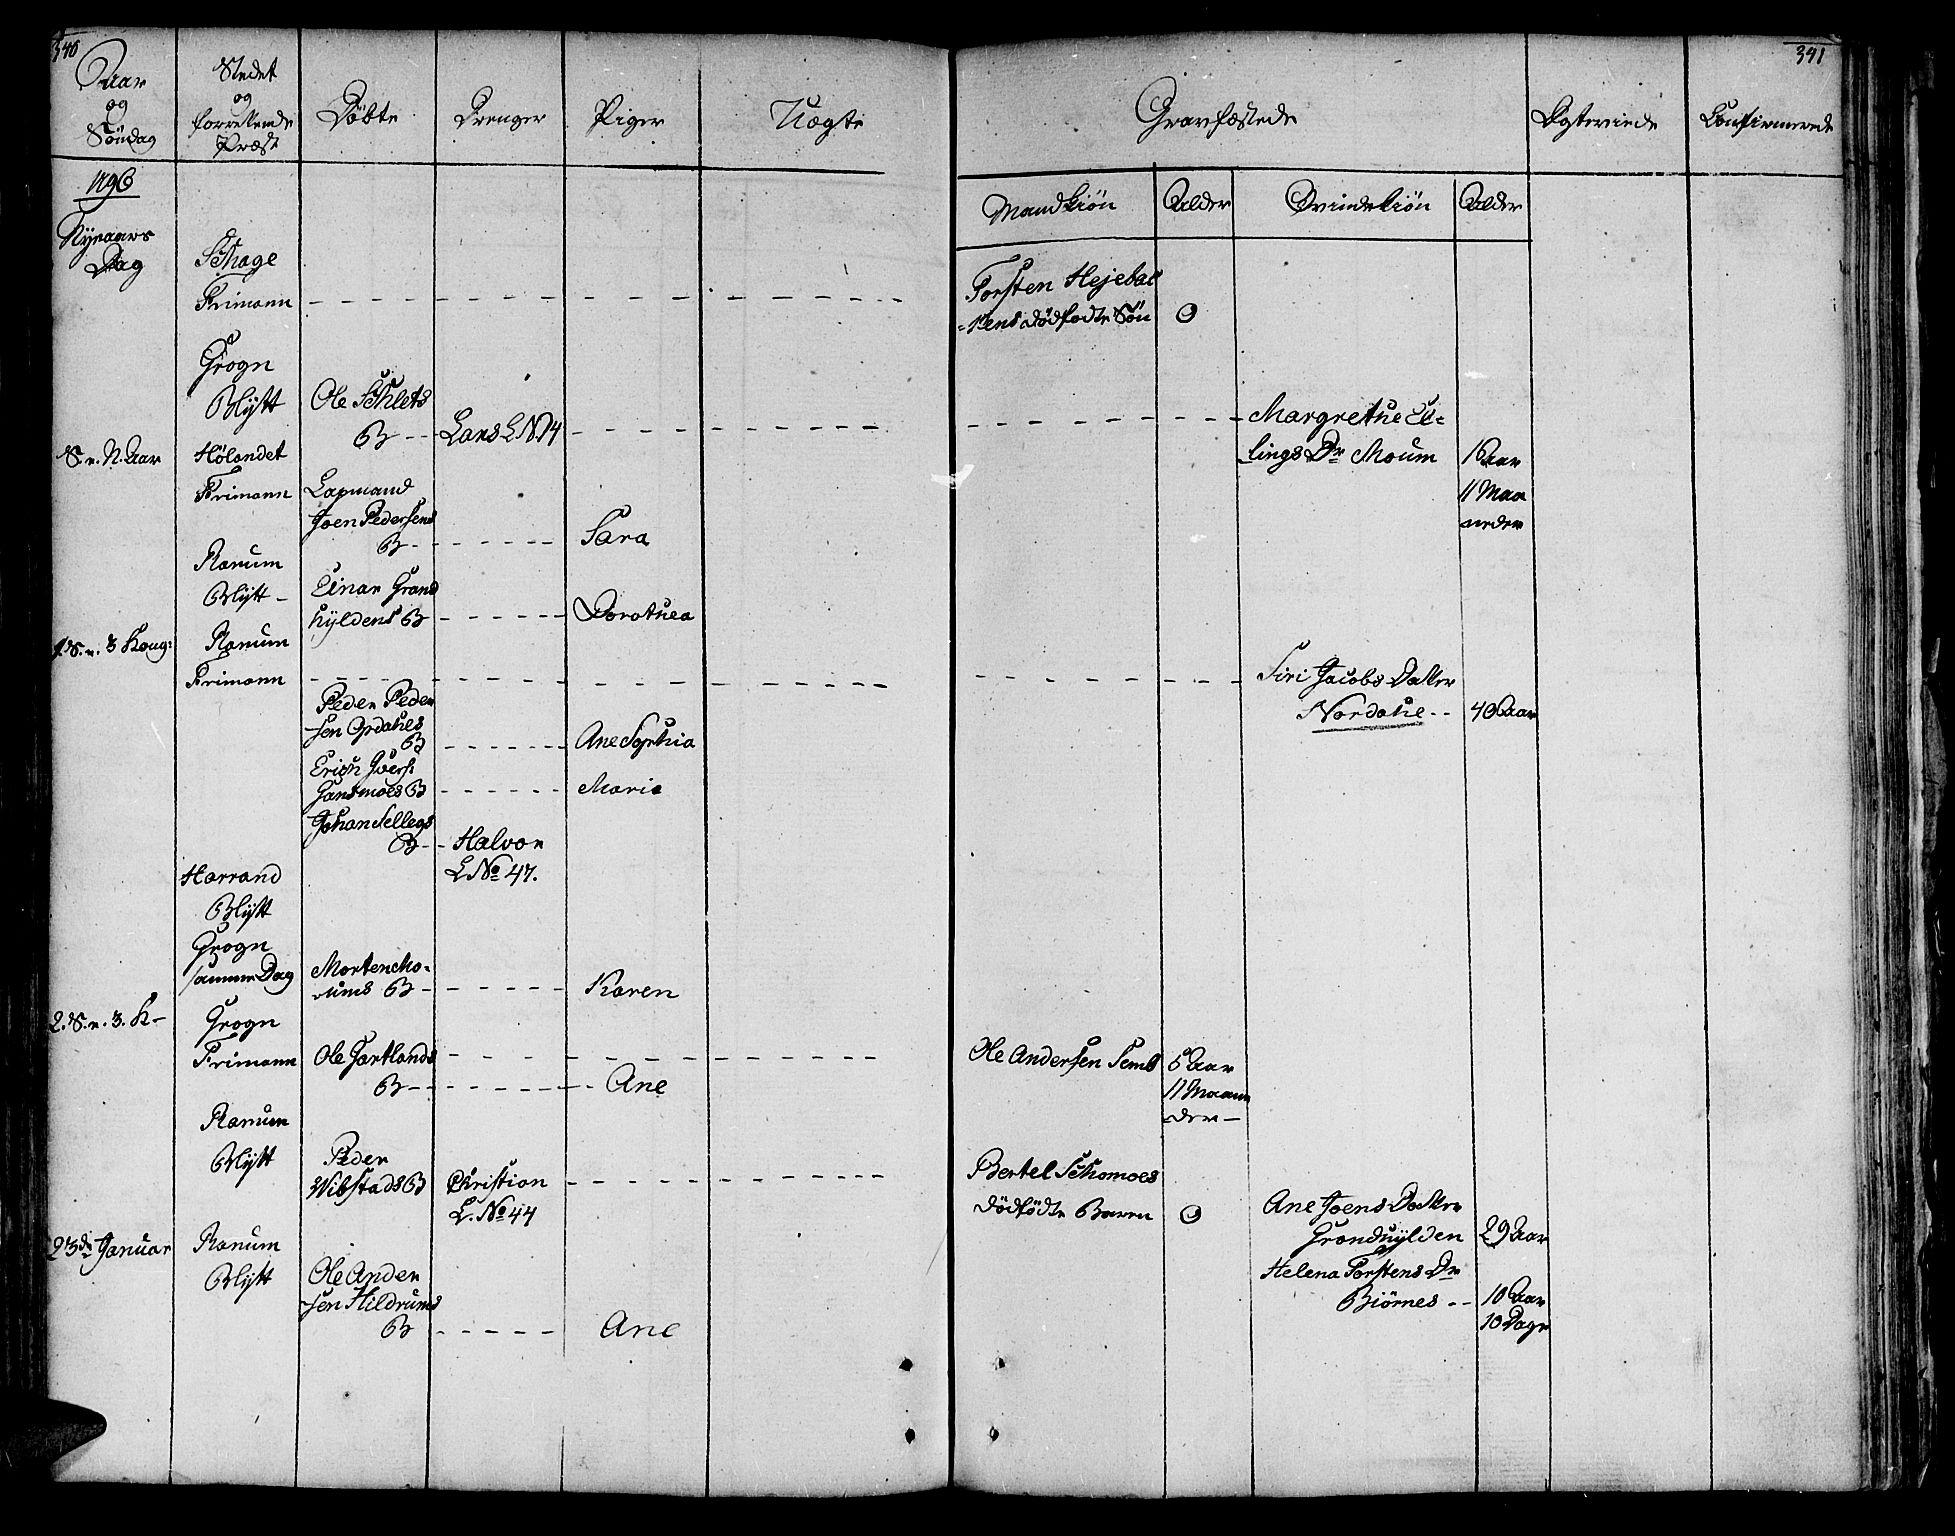 SAT, Ministerialprotokoller, klokkerbøker og fødselsregistre - Nord-Trøndelag, 764/L0544: Ministerialbok nr. 764A04, 1780-1798, s. 340-341